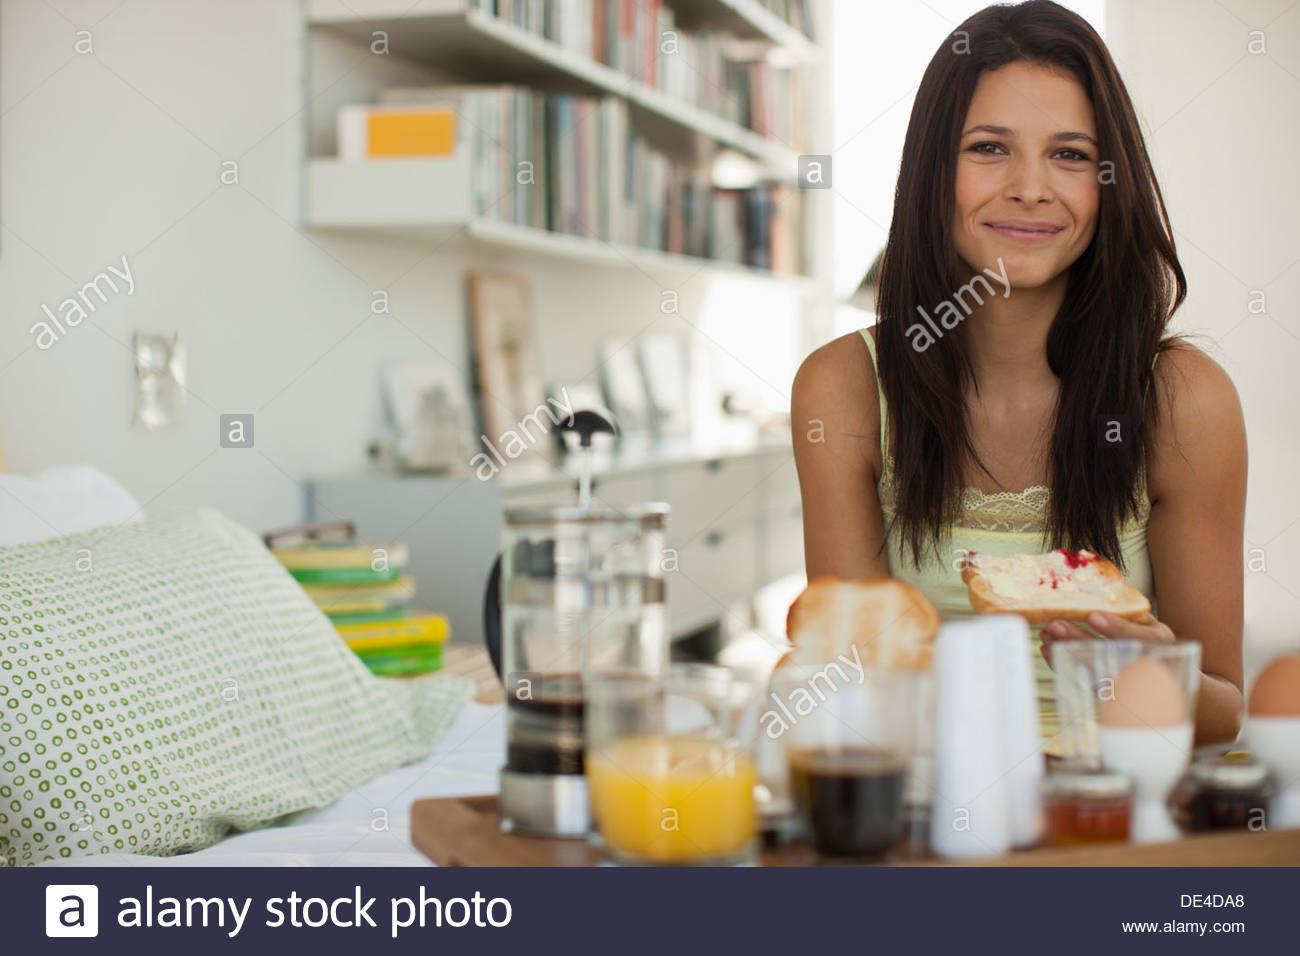 Donna sorridente con il servizio di prima colazione in camera Immagini Stock